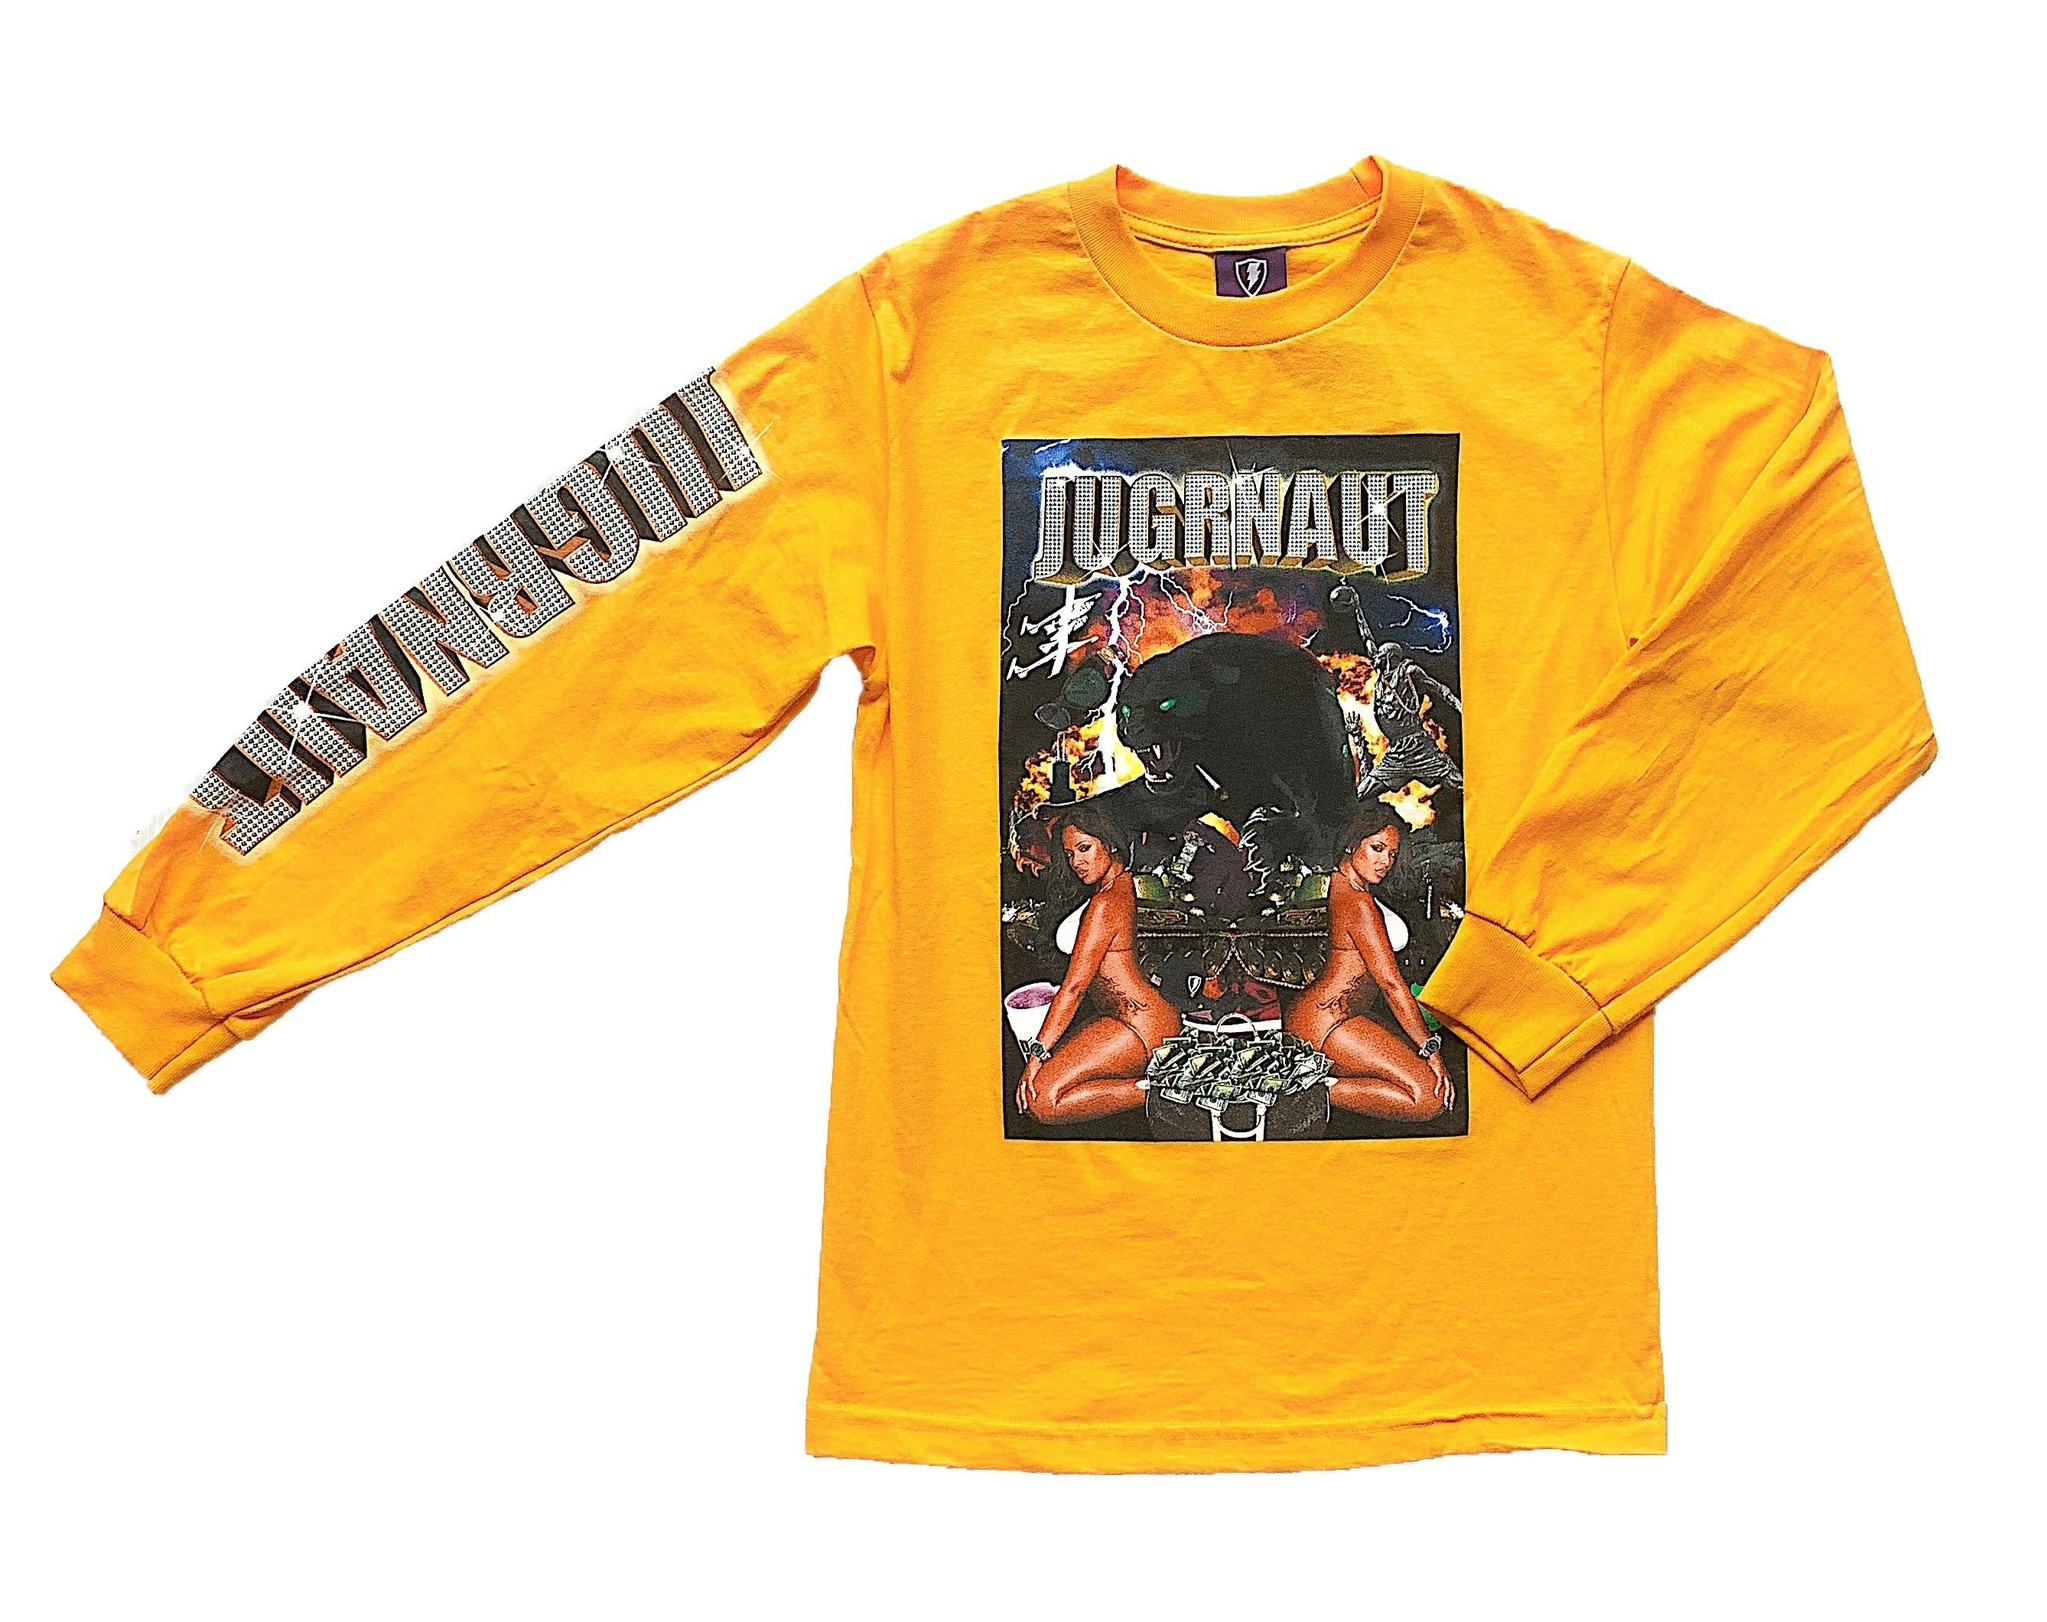 Jugrnaut Bout it L/S Gold